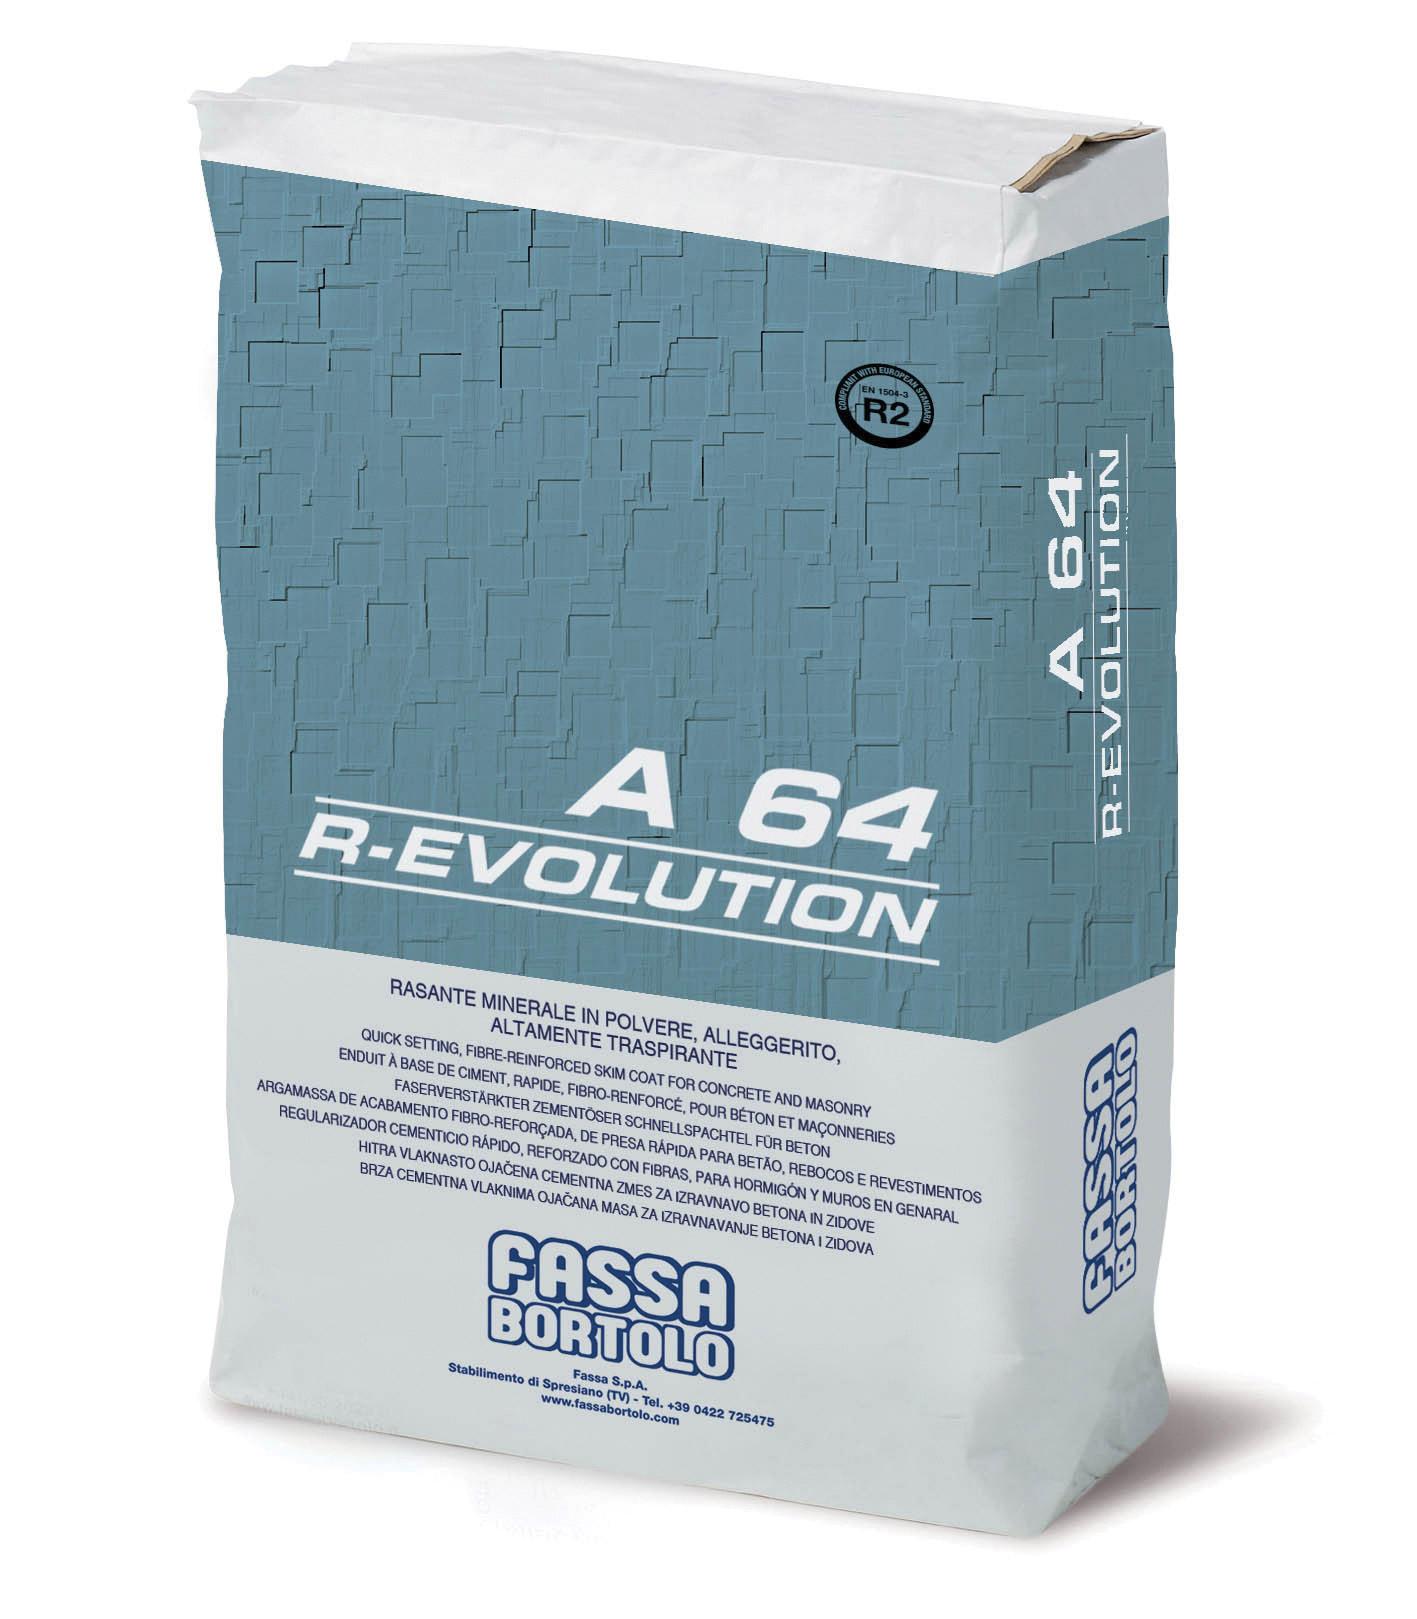 A 64 R-EVOLUTION: Mineralischer, faserverstärkter, hydrophober Spachtel zur Anwendung auf Oberflächen mit hohen mechanischen Festigkeiten, auf der Basis von Kalk und Hydraulikbinder, für innen und außen